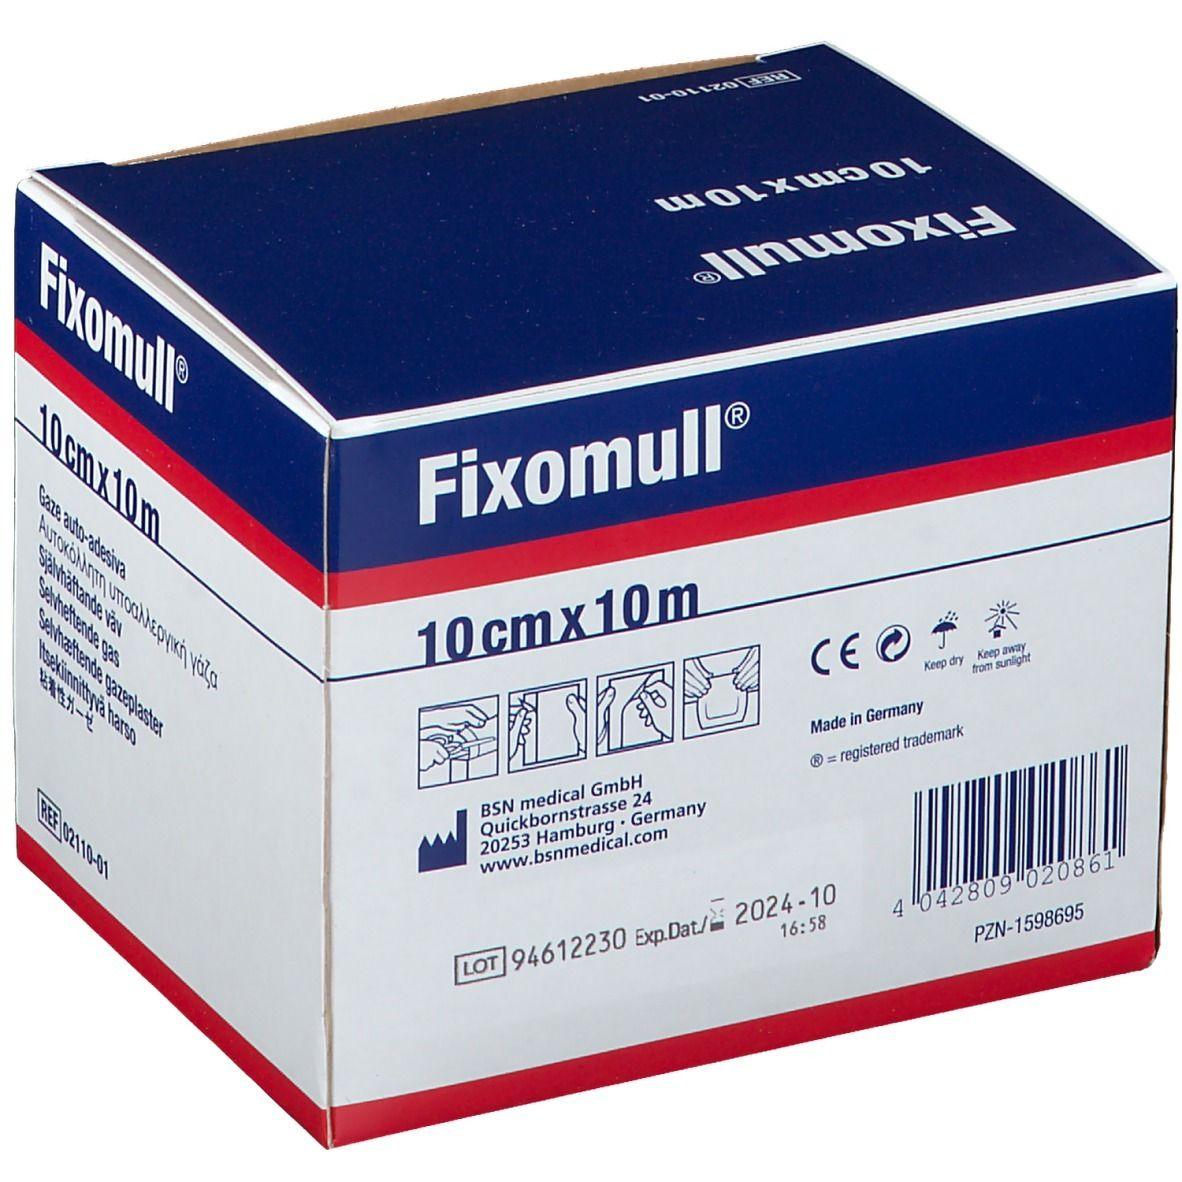 Fixomull® 10 cm x 10 m